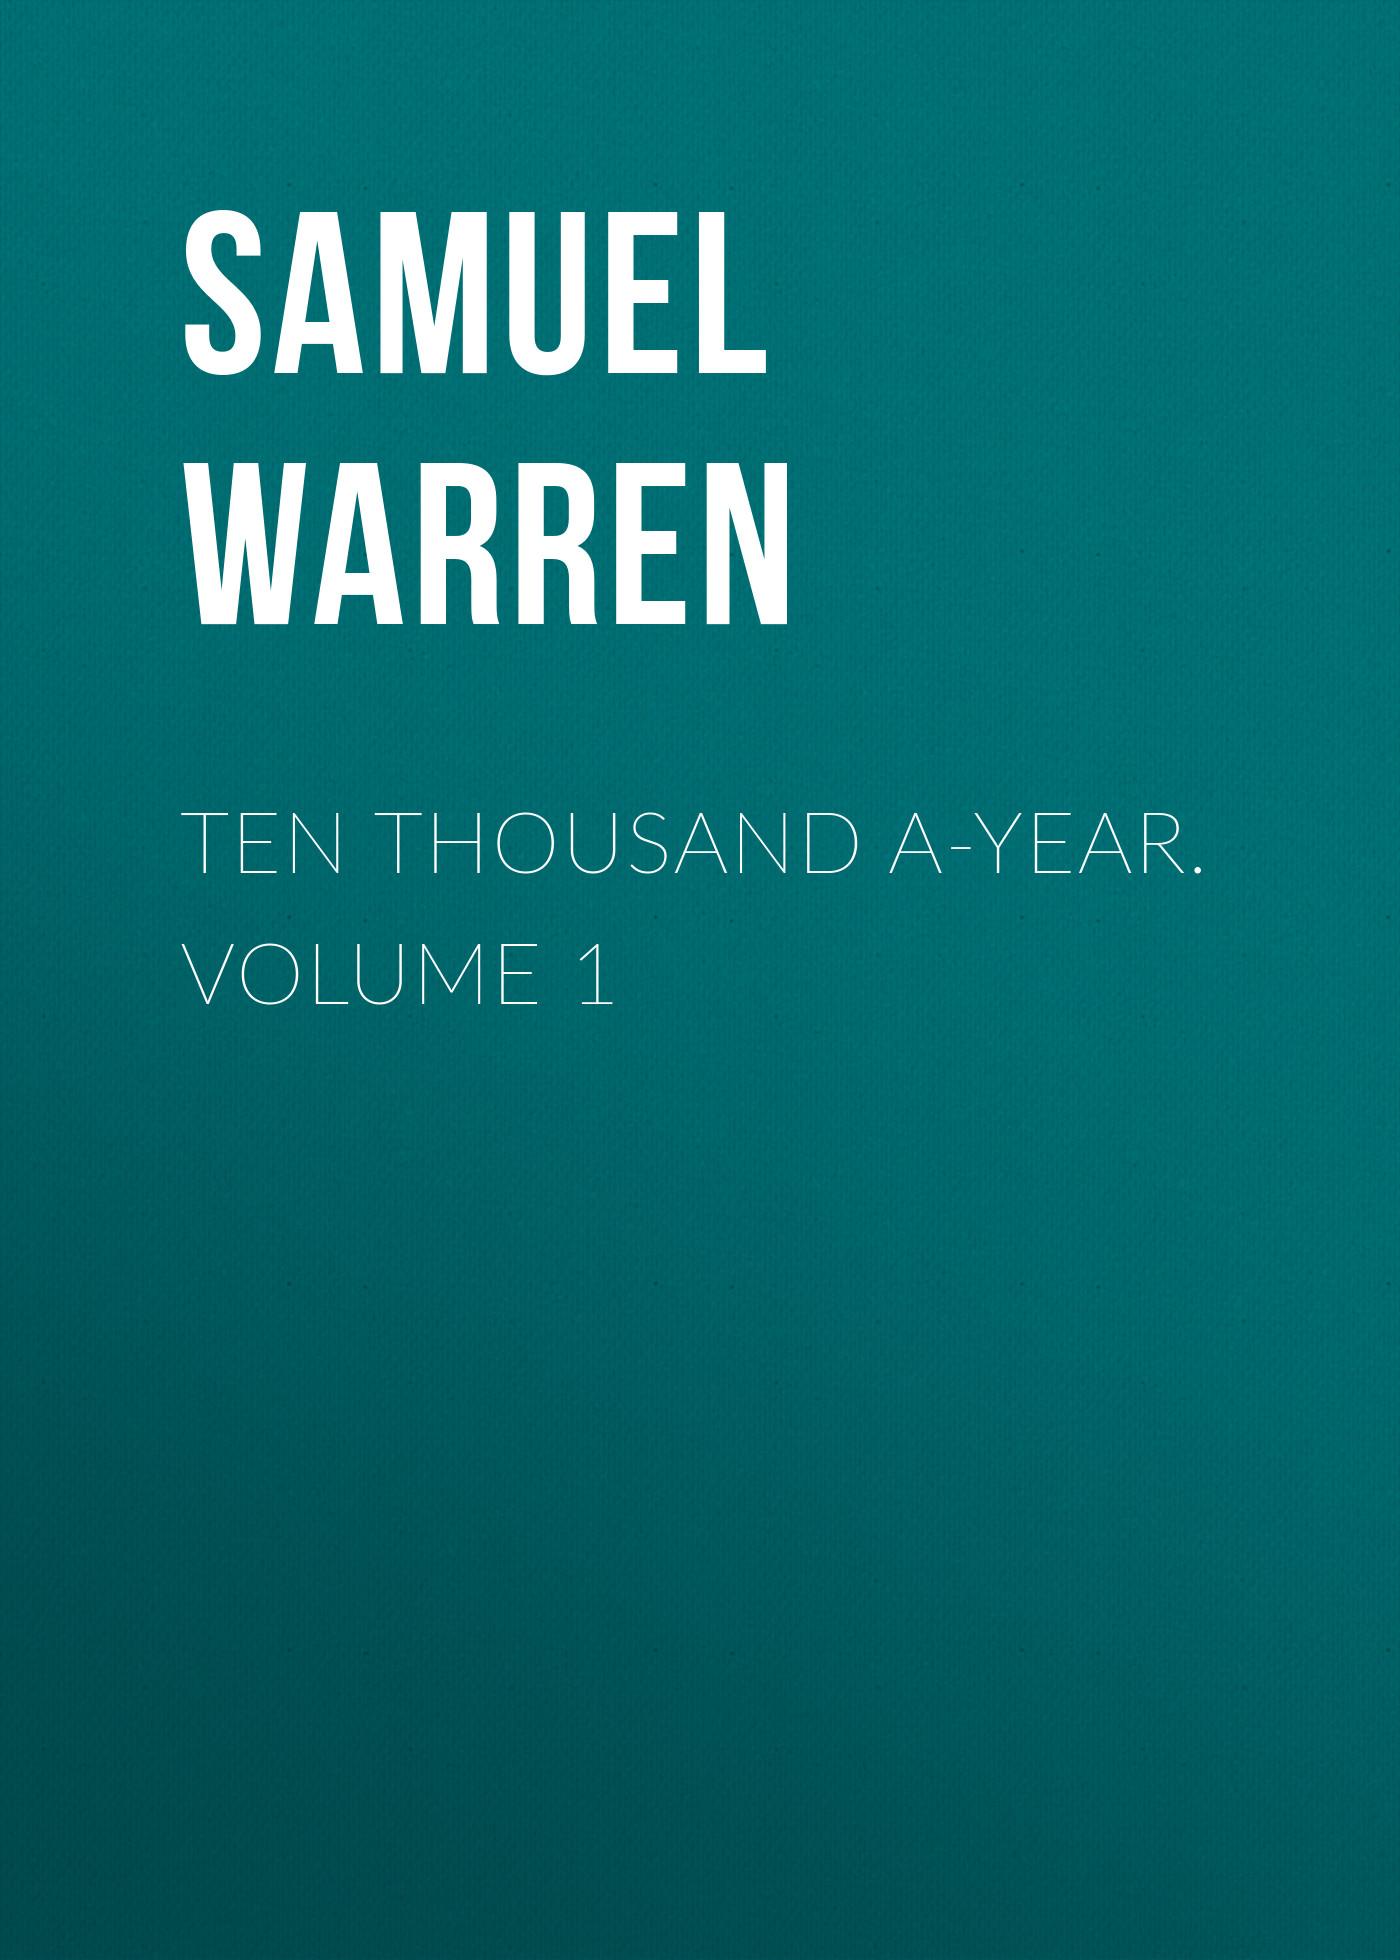 Samuel Warren Ten Thousand a-Year. Volume 1